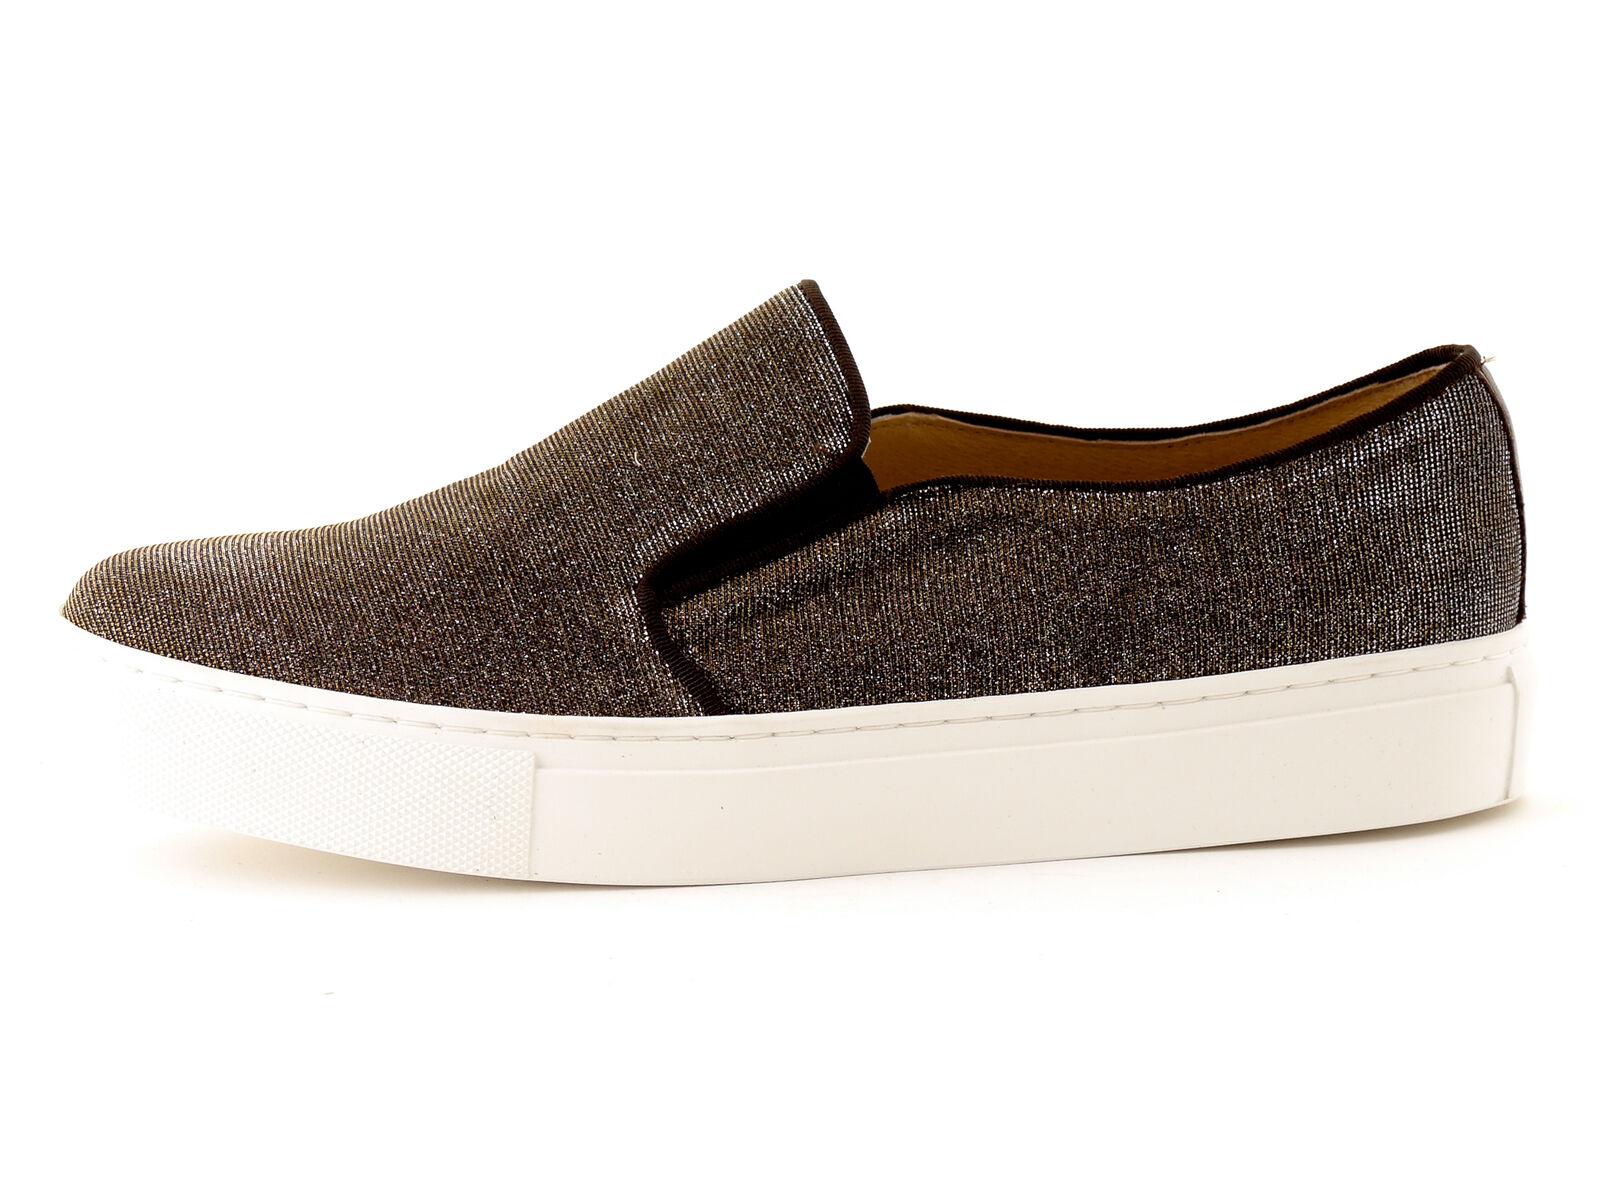 KMB Schuhe Slipper Slip On Notturno braun Glitzer Textil Gummi Leder